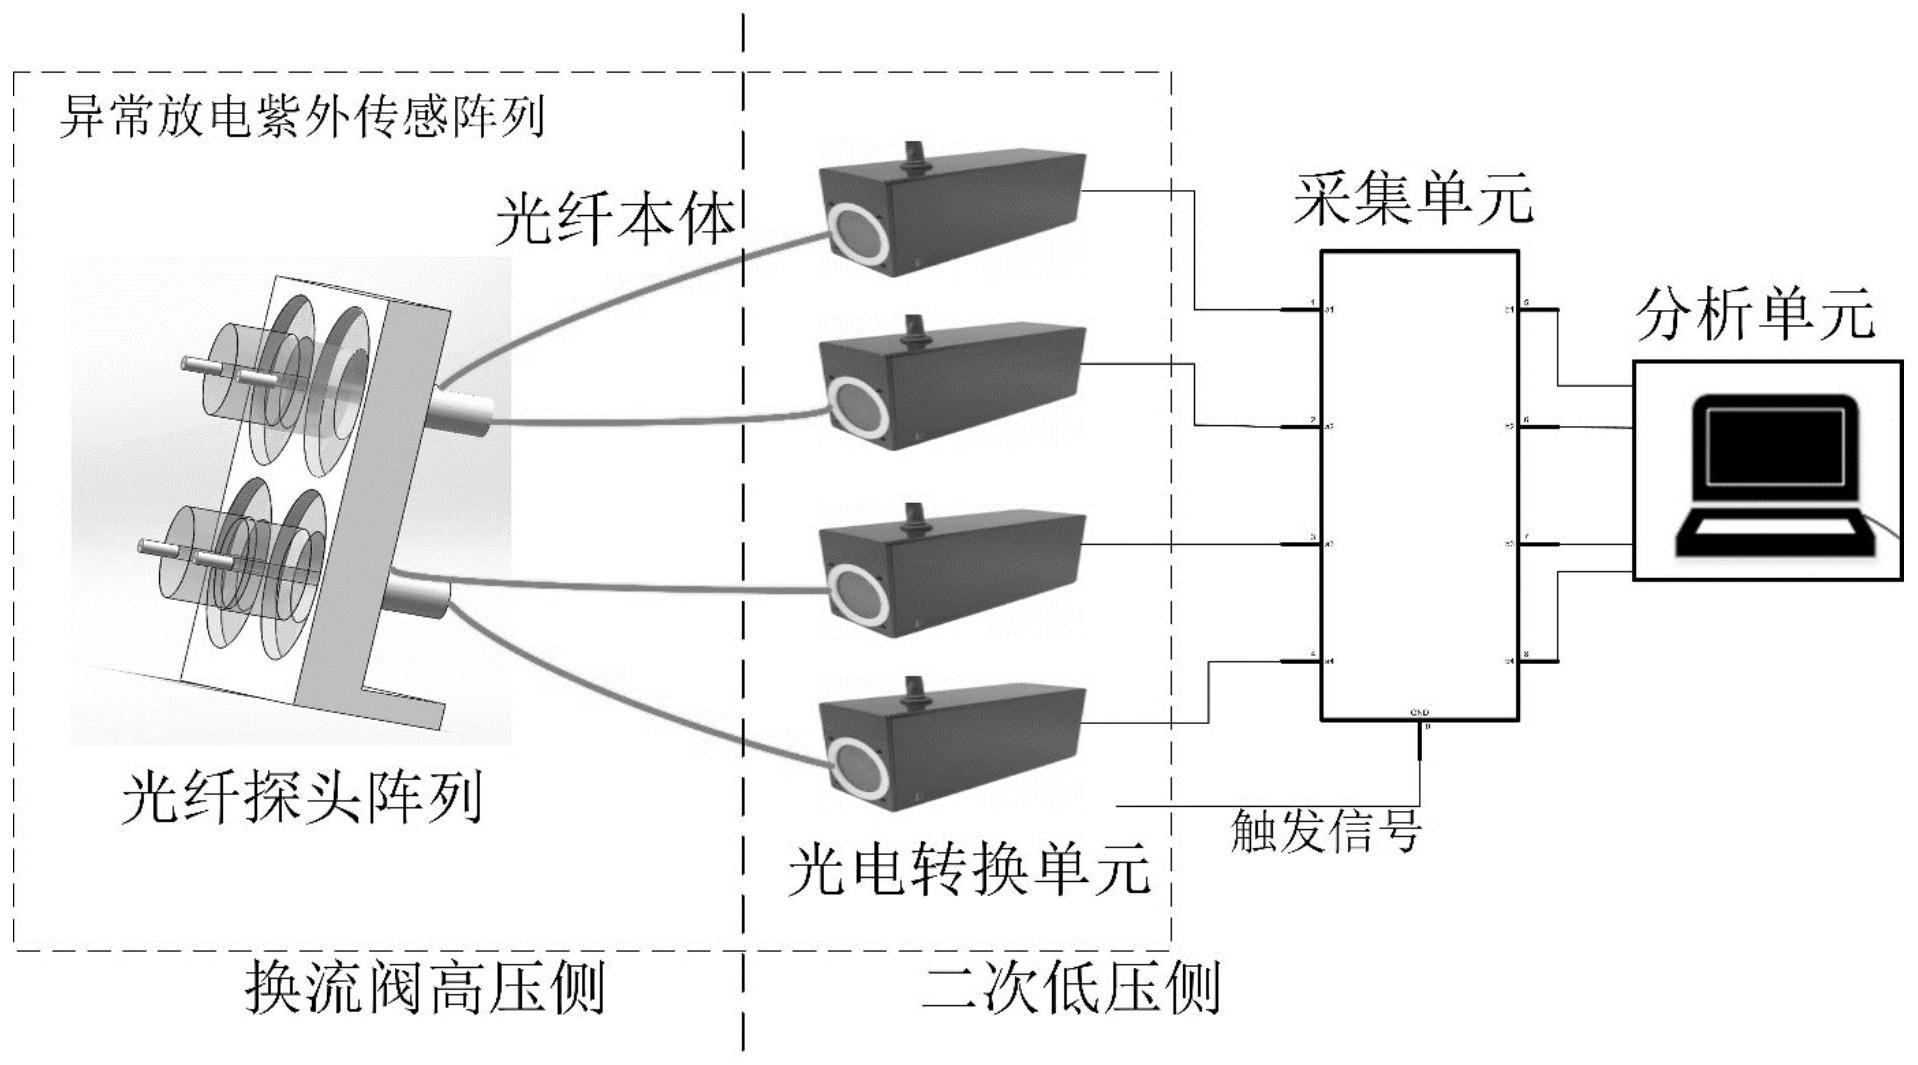 一种用于确定换流阀阻尼表面异常放电源的系统及方法